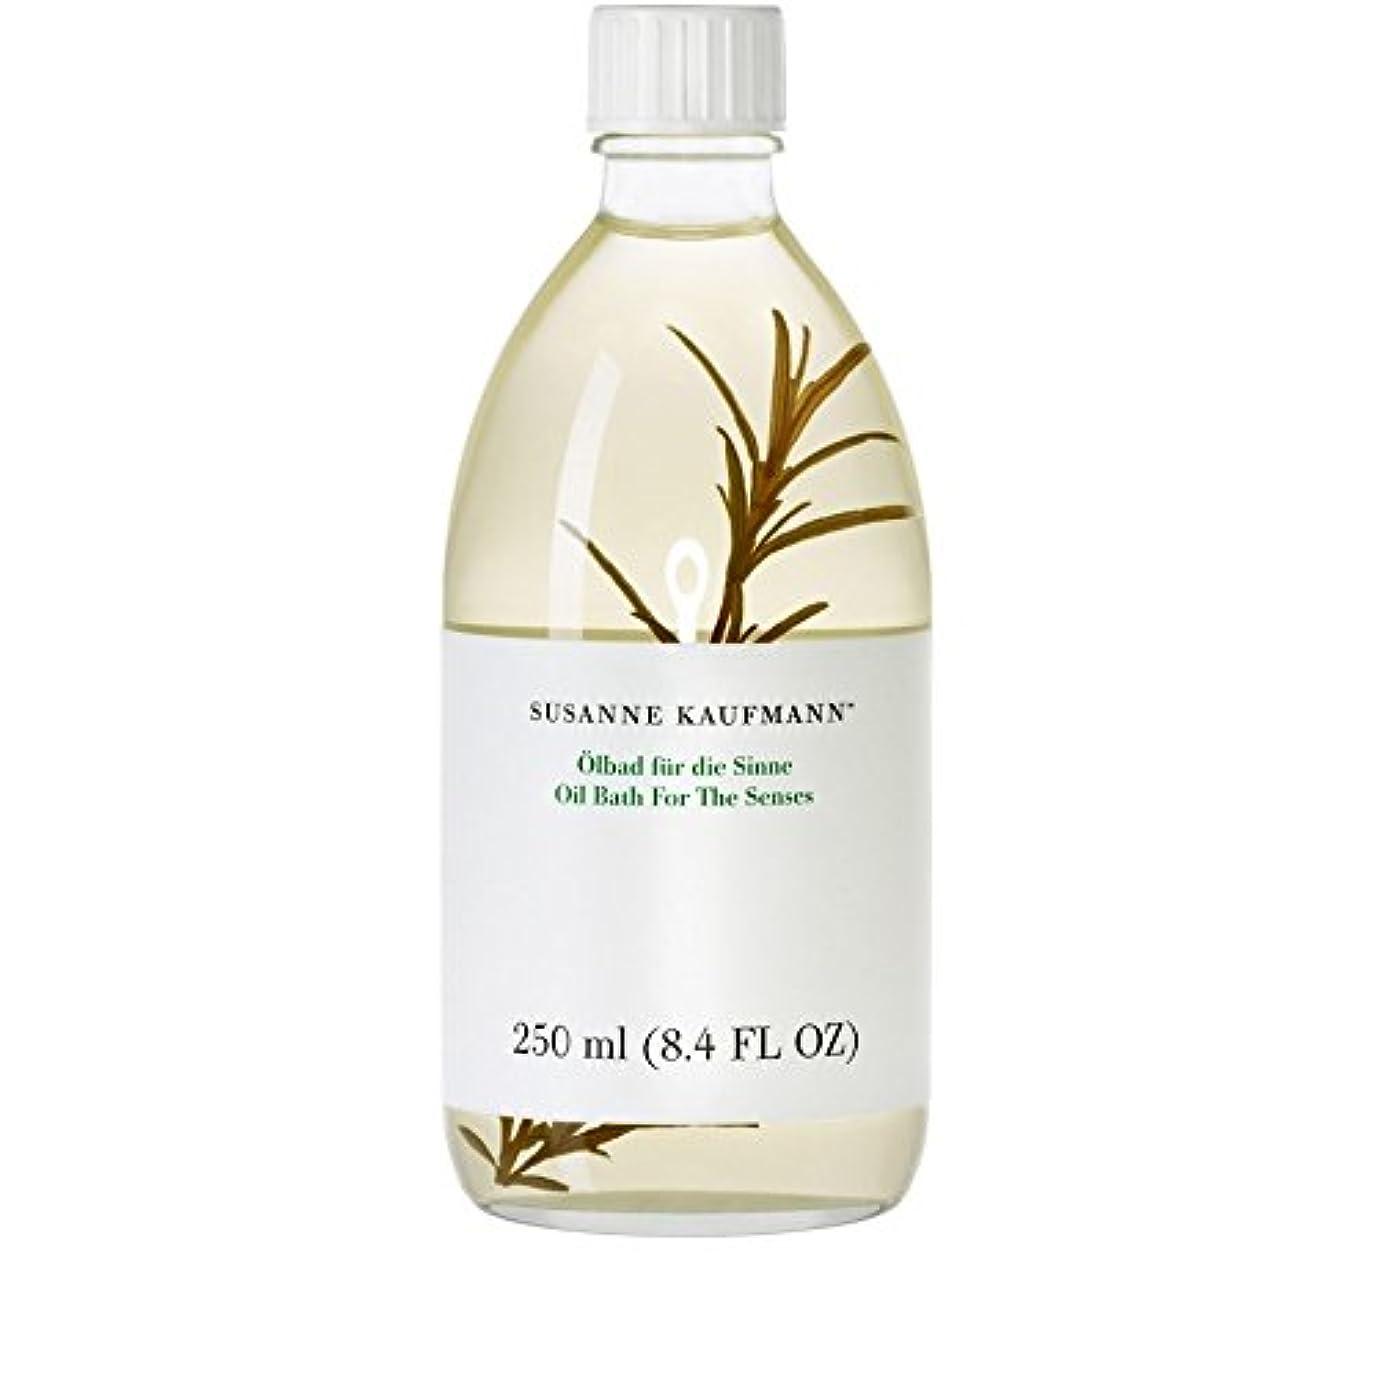 ビリーヤギ買い手衝撃Susanne Kaufmann Oil Bath for the Senses 250ml - 250ミリリットルの感覚のためのスザンヌカウフマンオイルバス [並行輸入品]